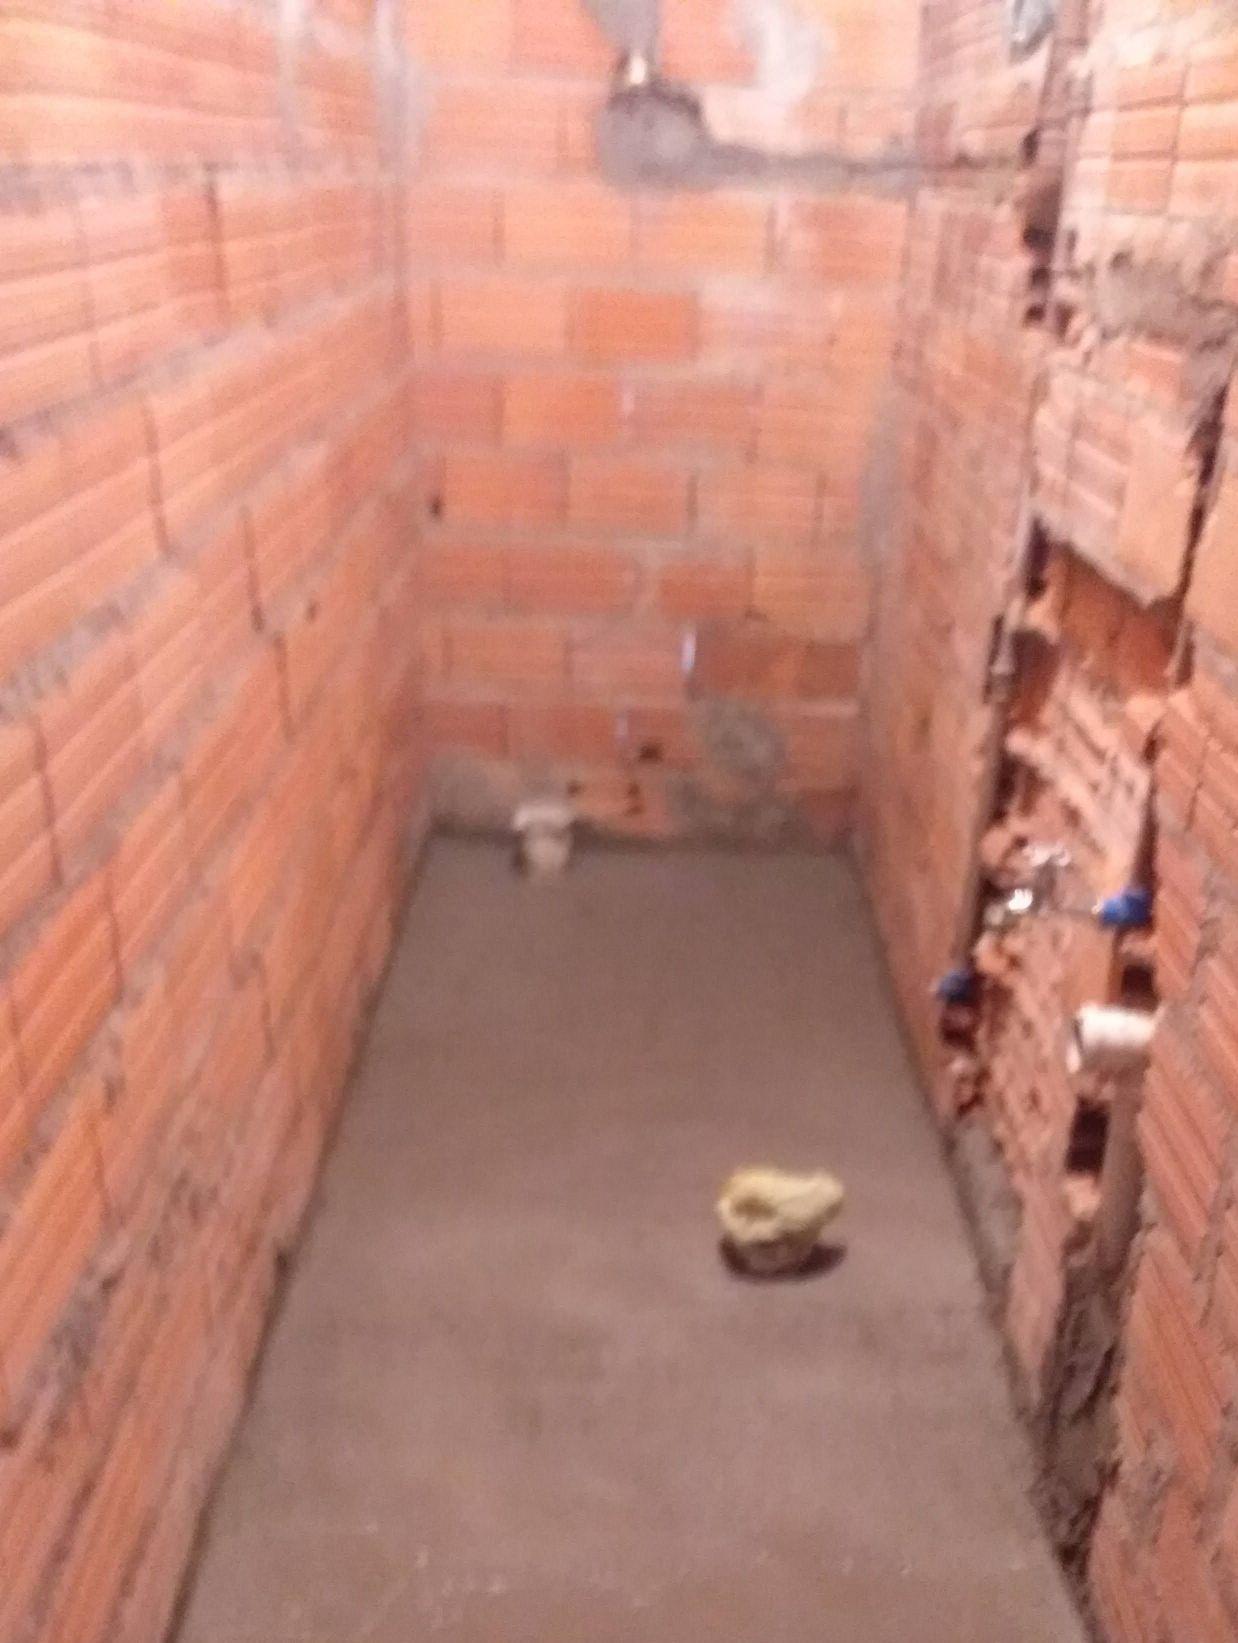 encarnação de água e esgoto do banheiro e piso